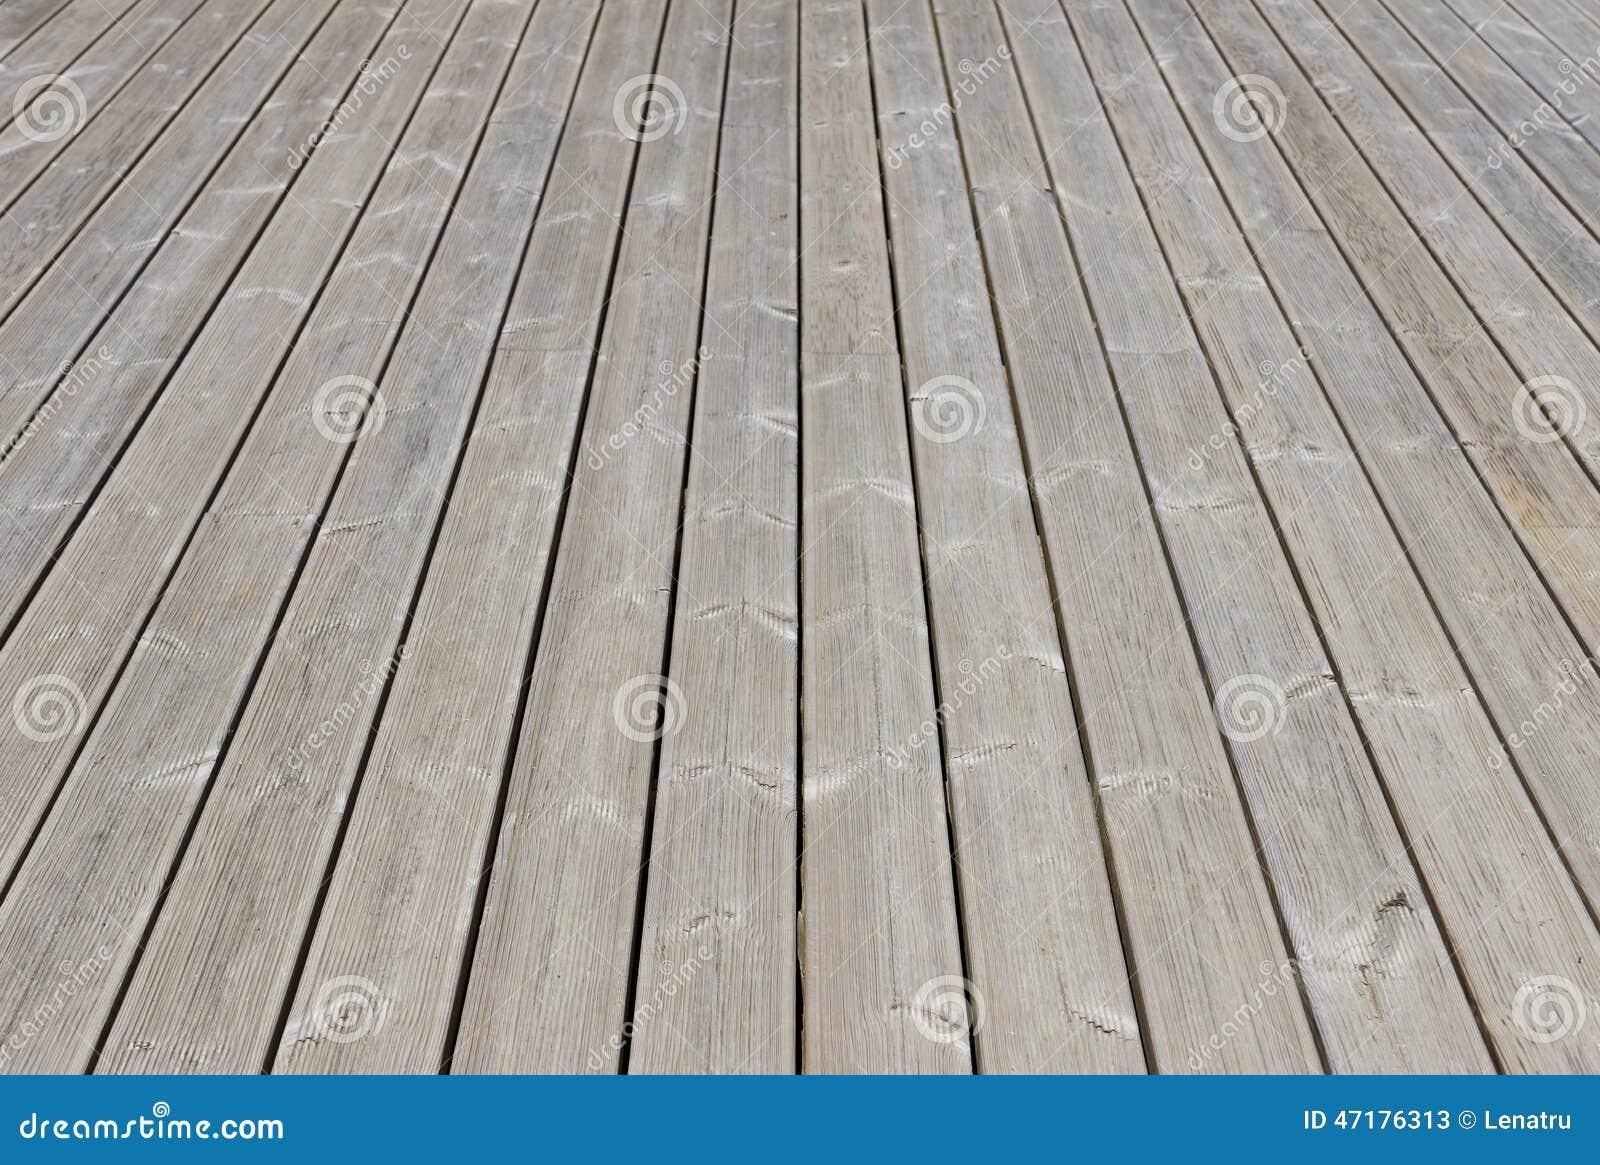 Vieux Plancher Exterieur En Bois De Terrasse Image Stock